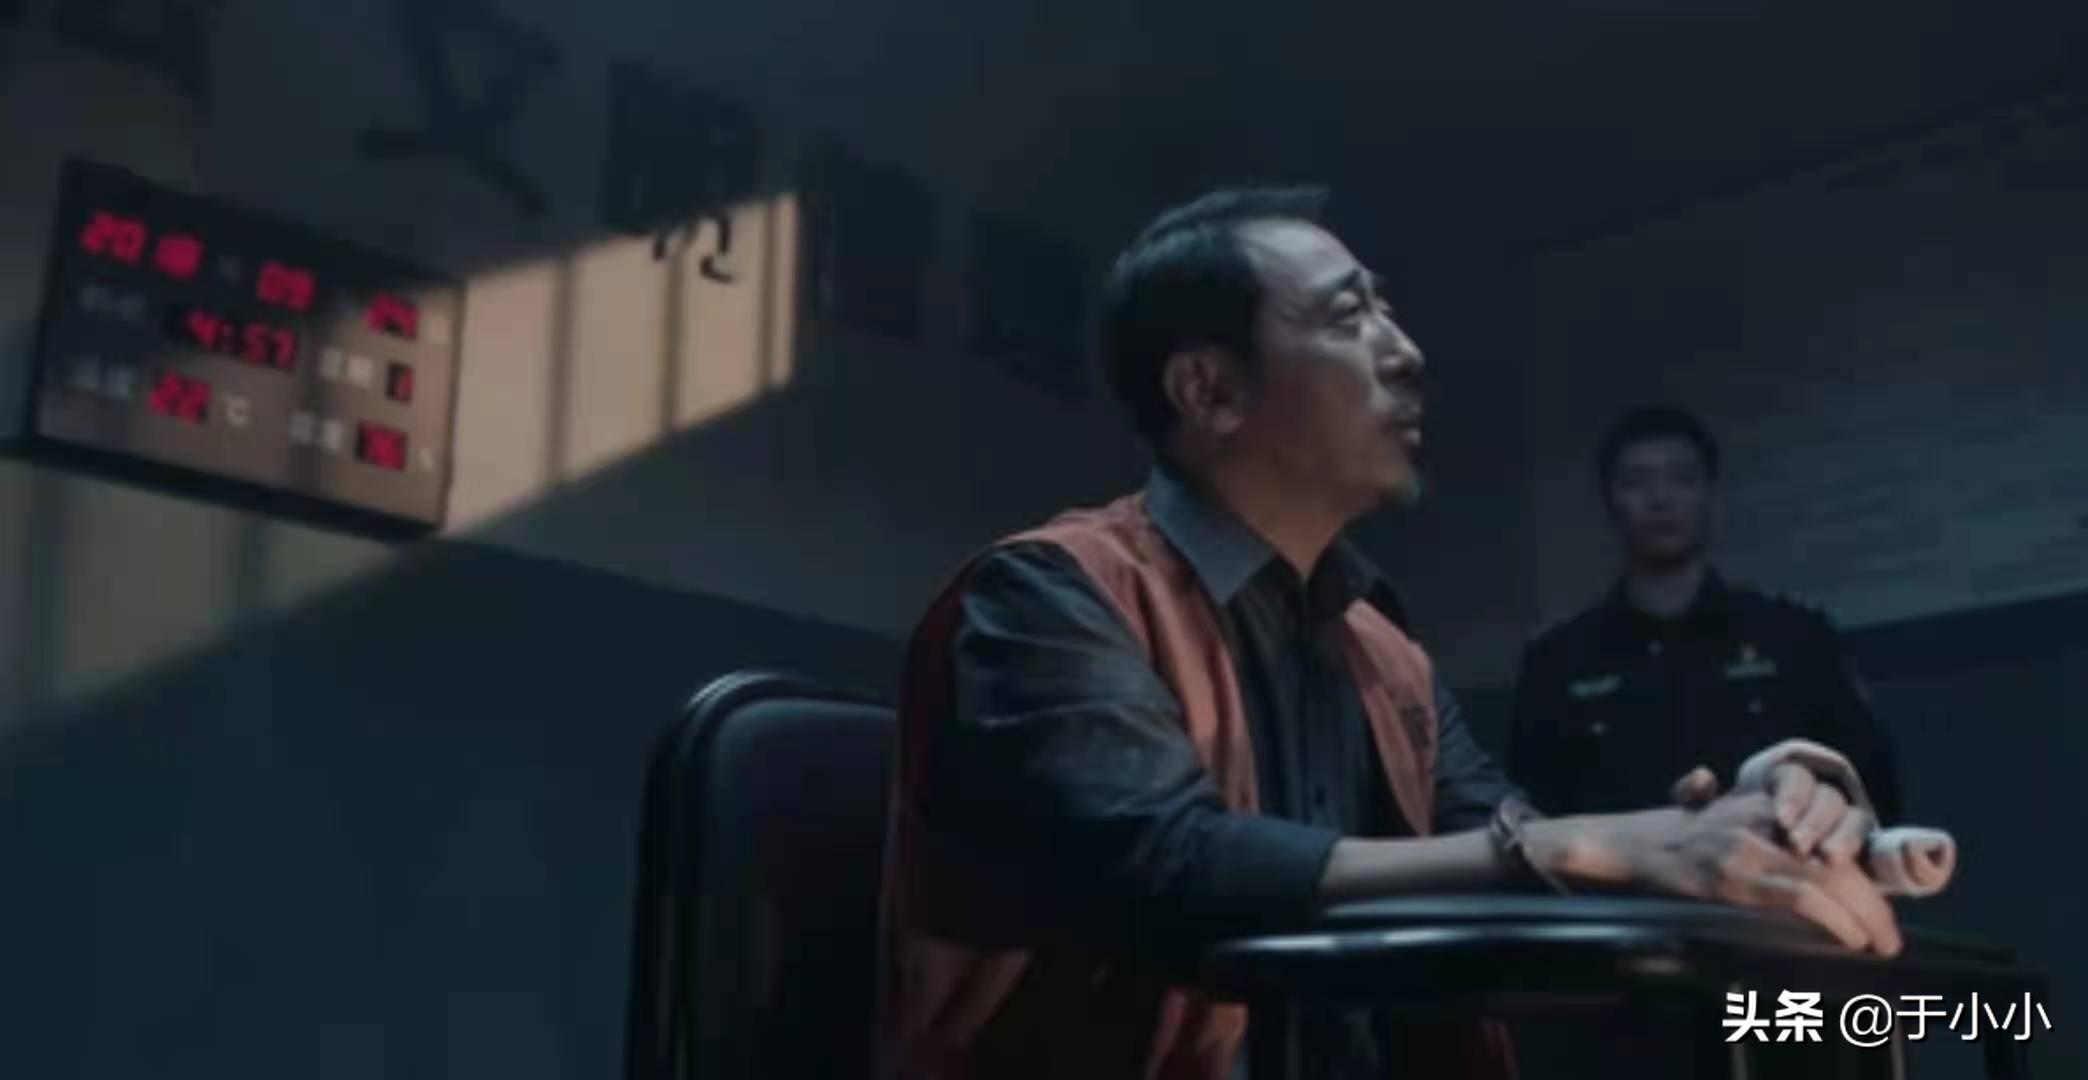 马帅的小拇指以及他的秘密,是《扫黑风暴》前五集不难懂的伏笔